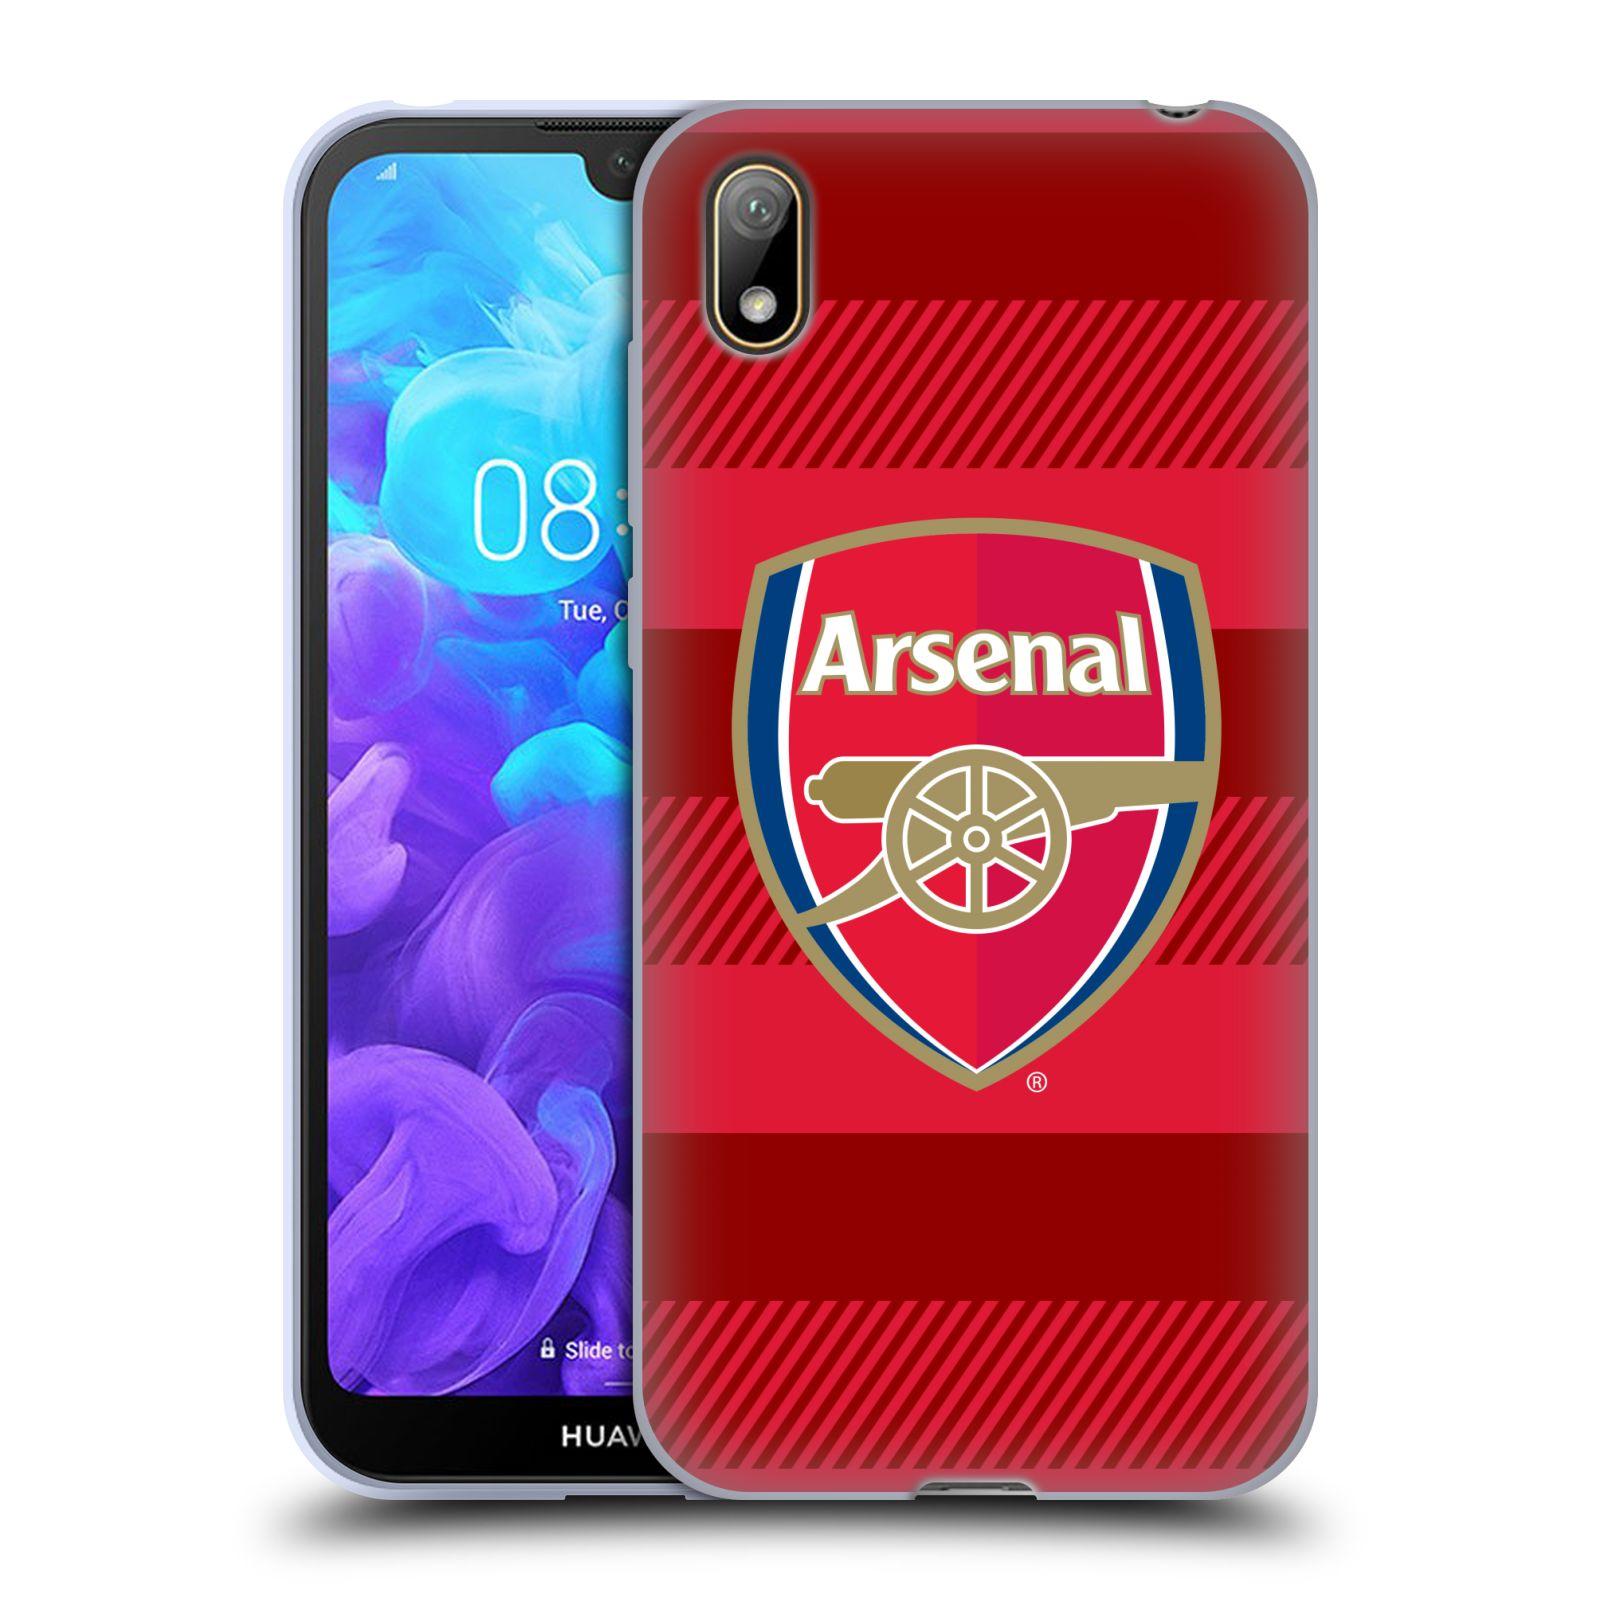 Silikonové pouzdro na mobil Huawei Y5 (2019) - Head Case - Arsenal FC - Logo s pruhy